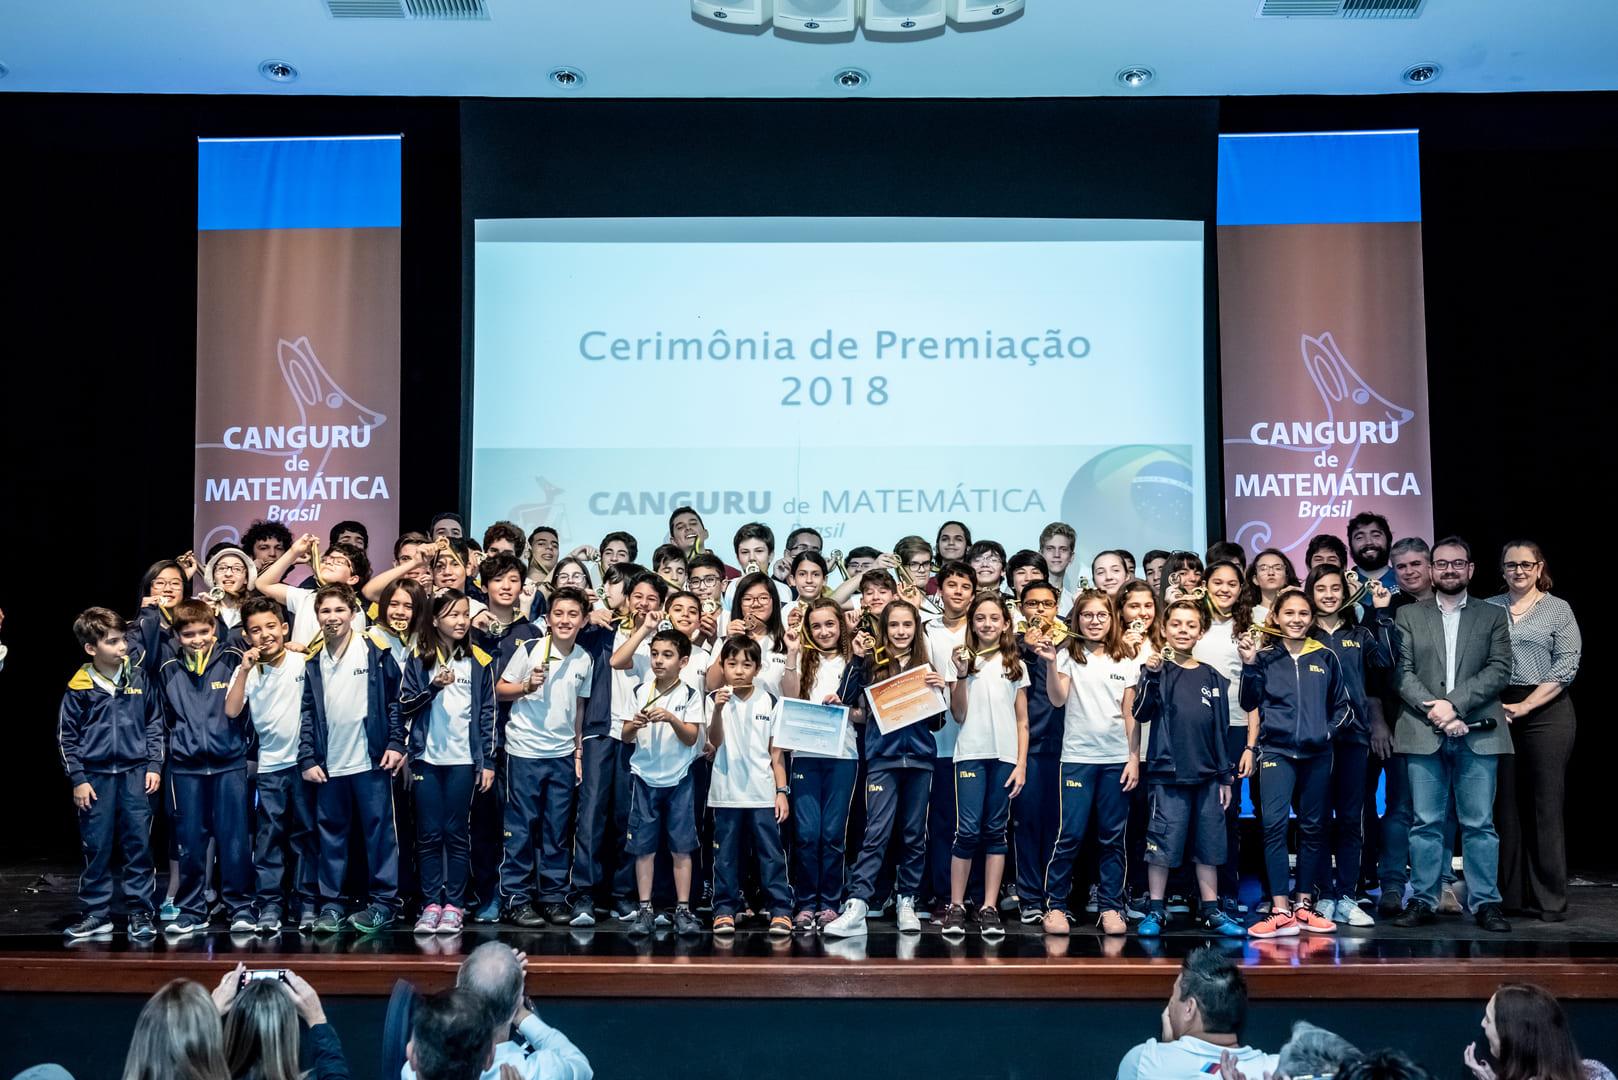 Alunos do Ensino Fundamental e Médio, da unidade Valinhos, com suas medalhas no Canguru de Matemática.